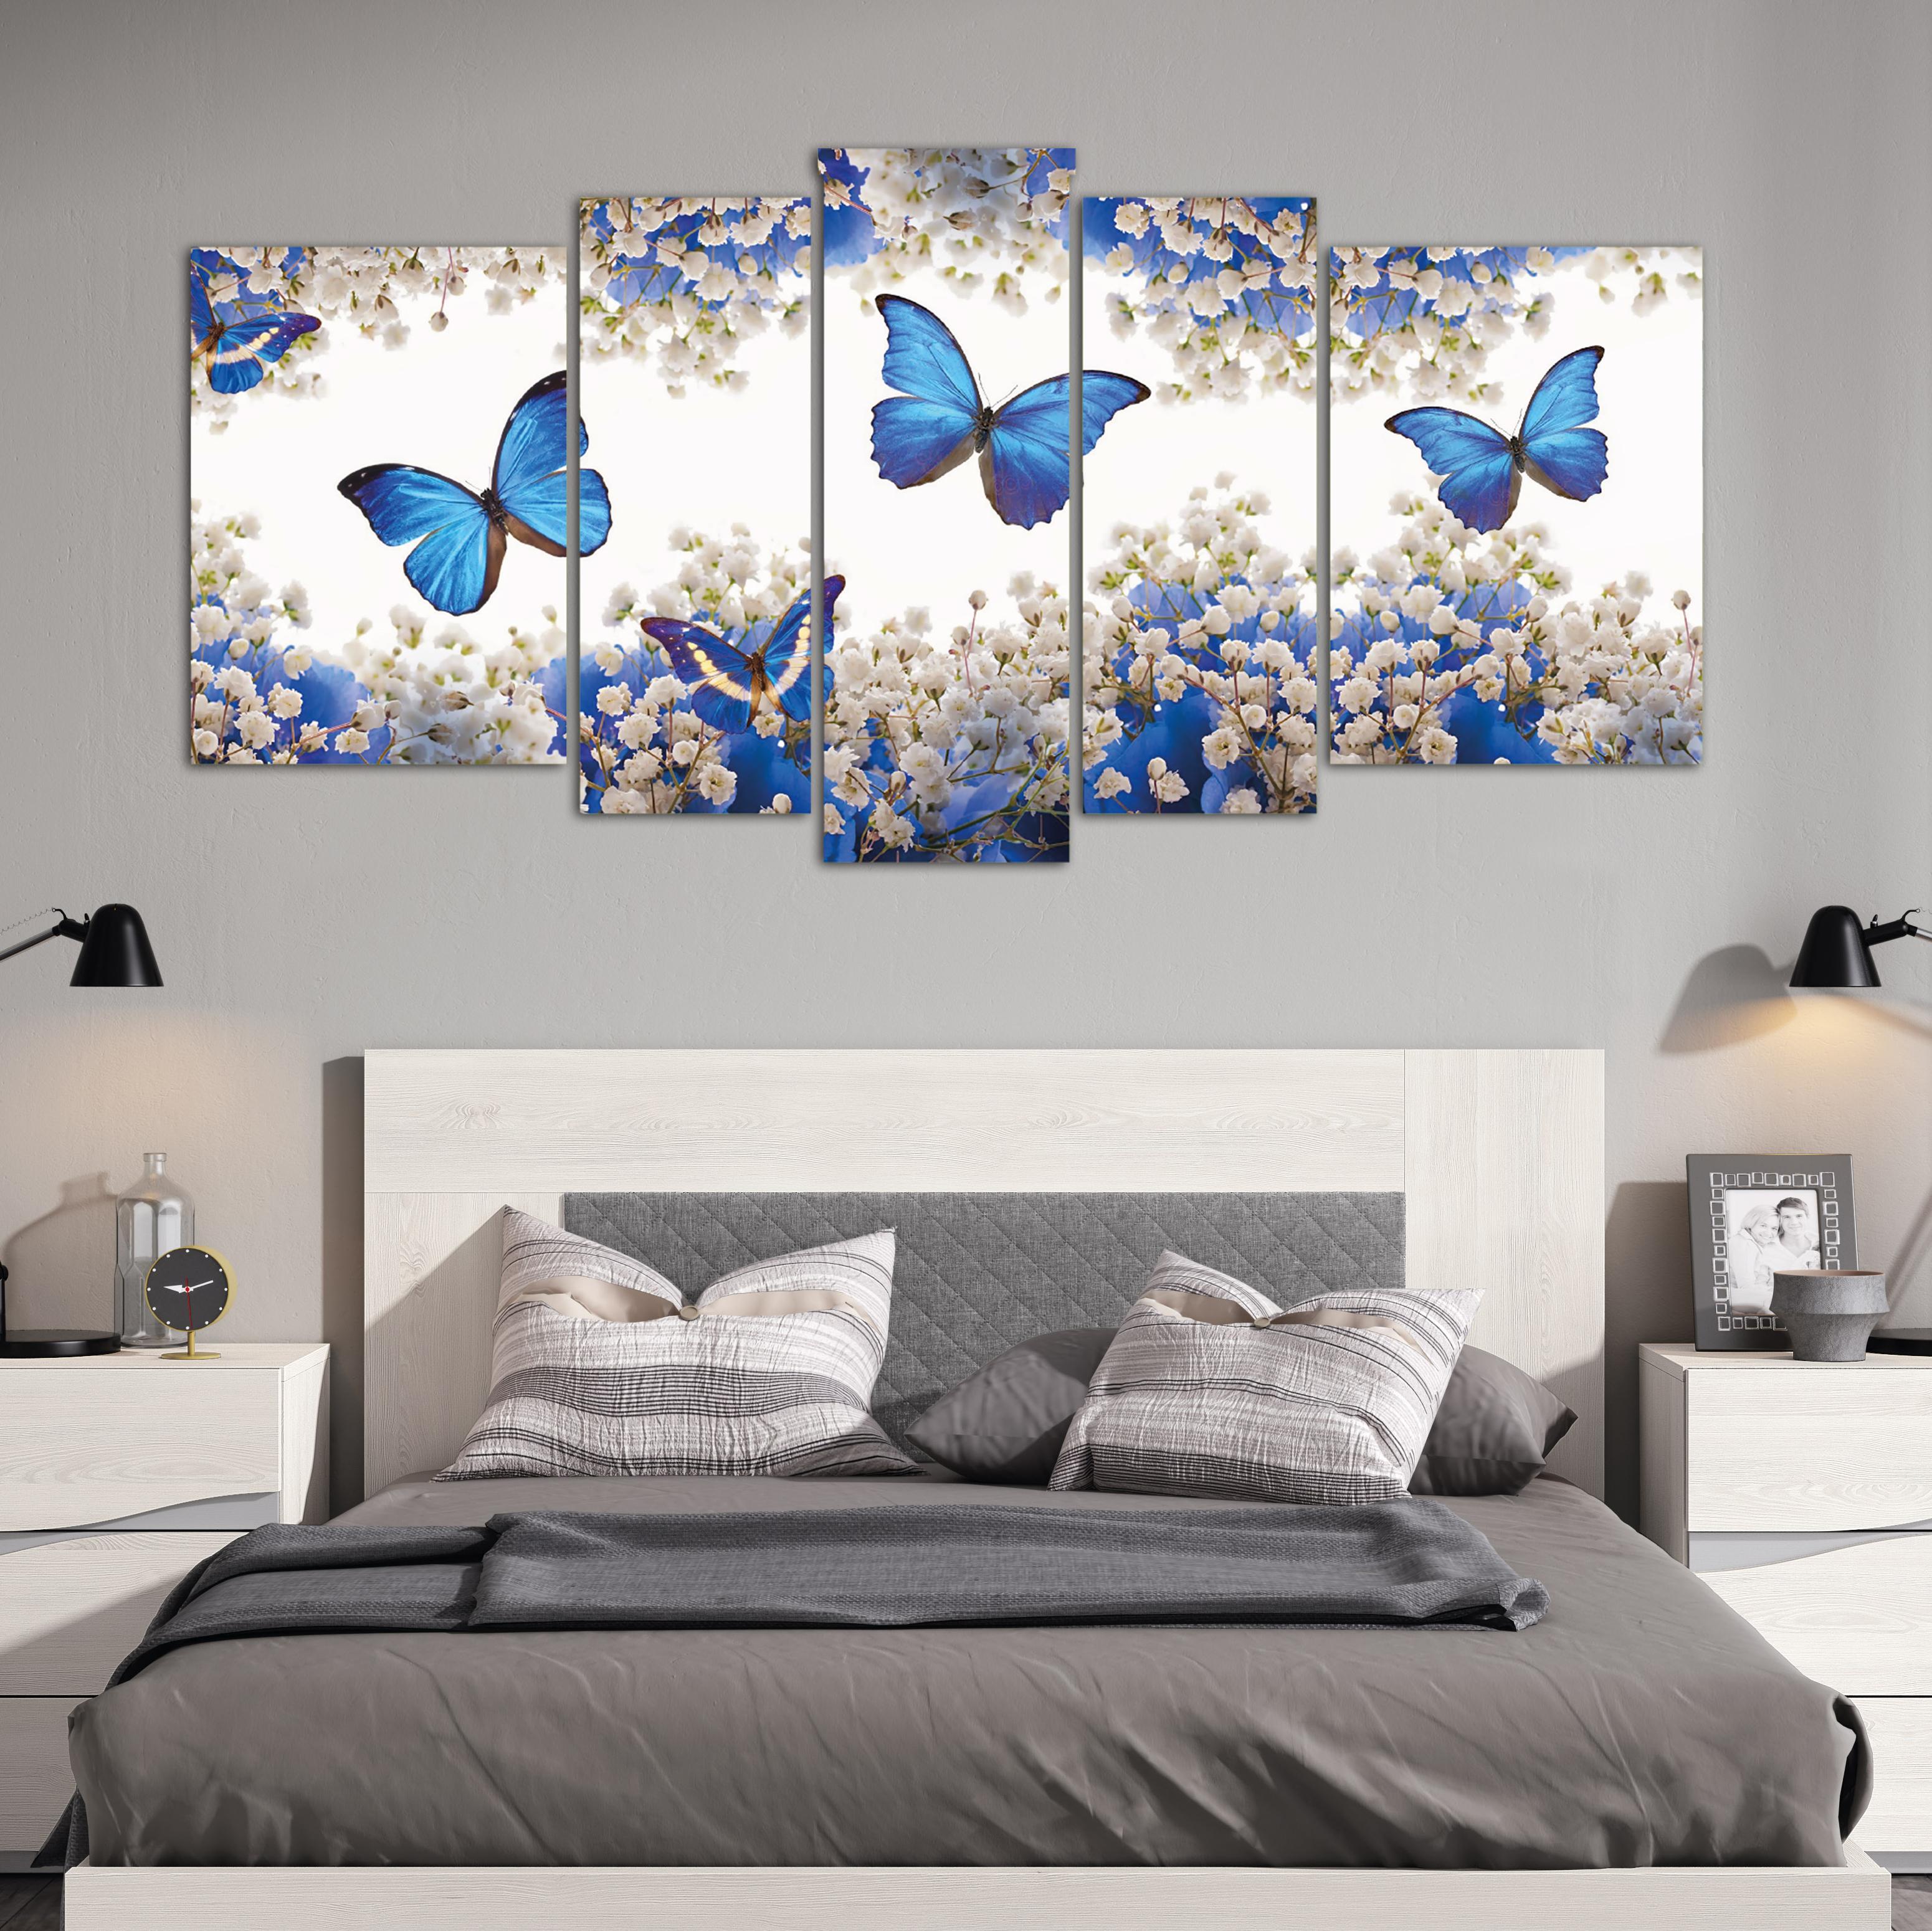 Mariposas azules xxl 150 cm x 70 cm cuadros decorativos for Donde puedo comprar cuadros decorativos